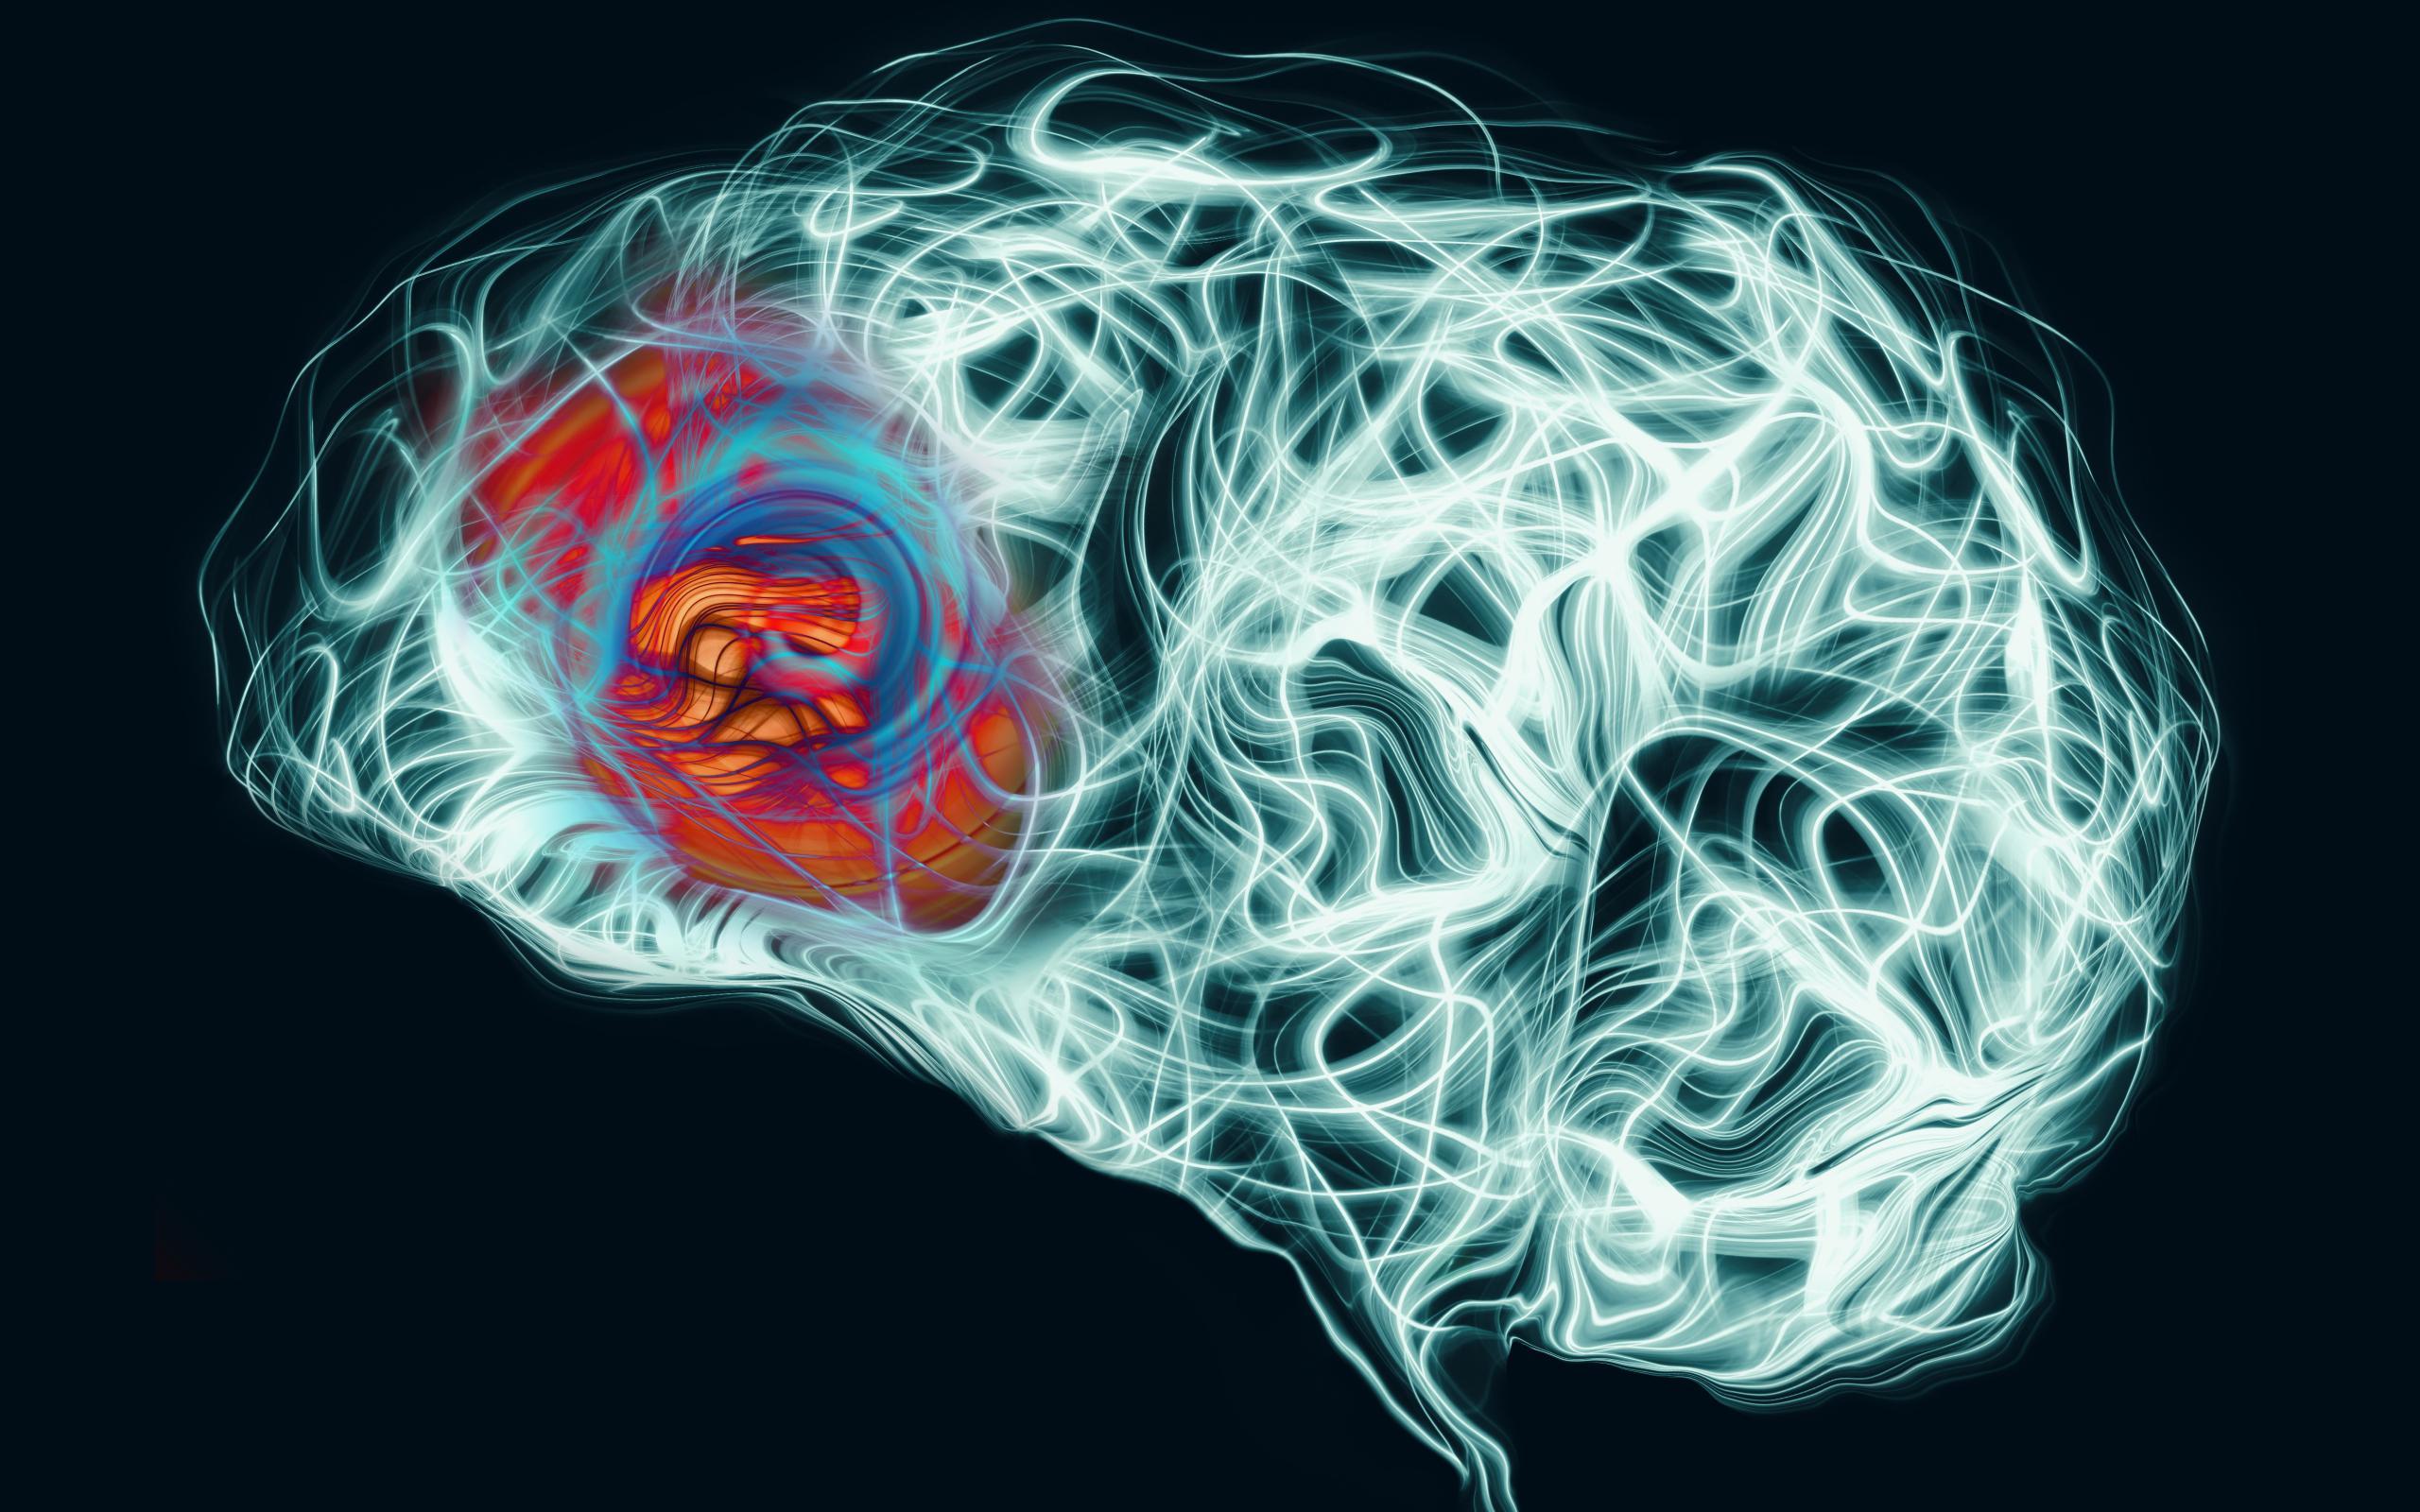 Вирус герпеса вызвал симптомы болезни Альцгеймера у трехмерной модели мозга